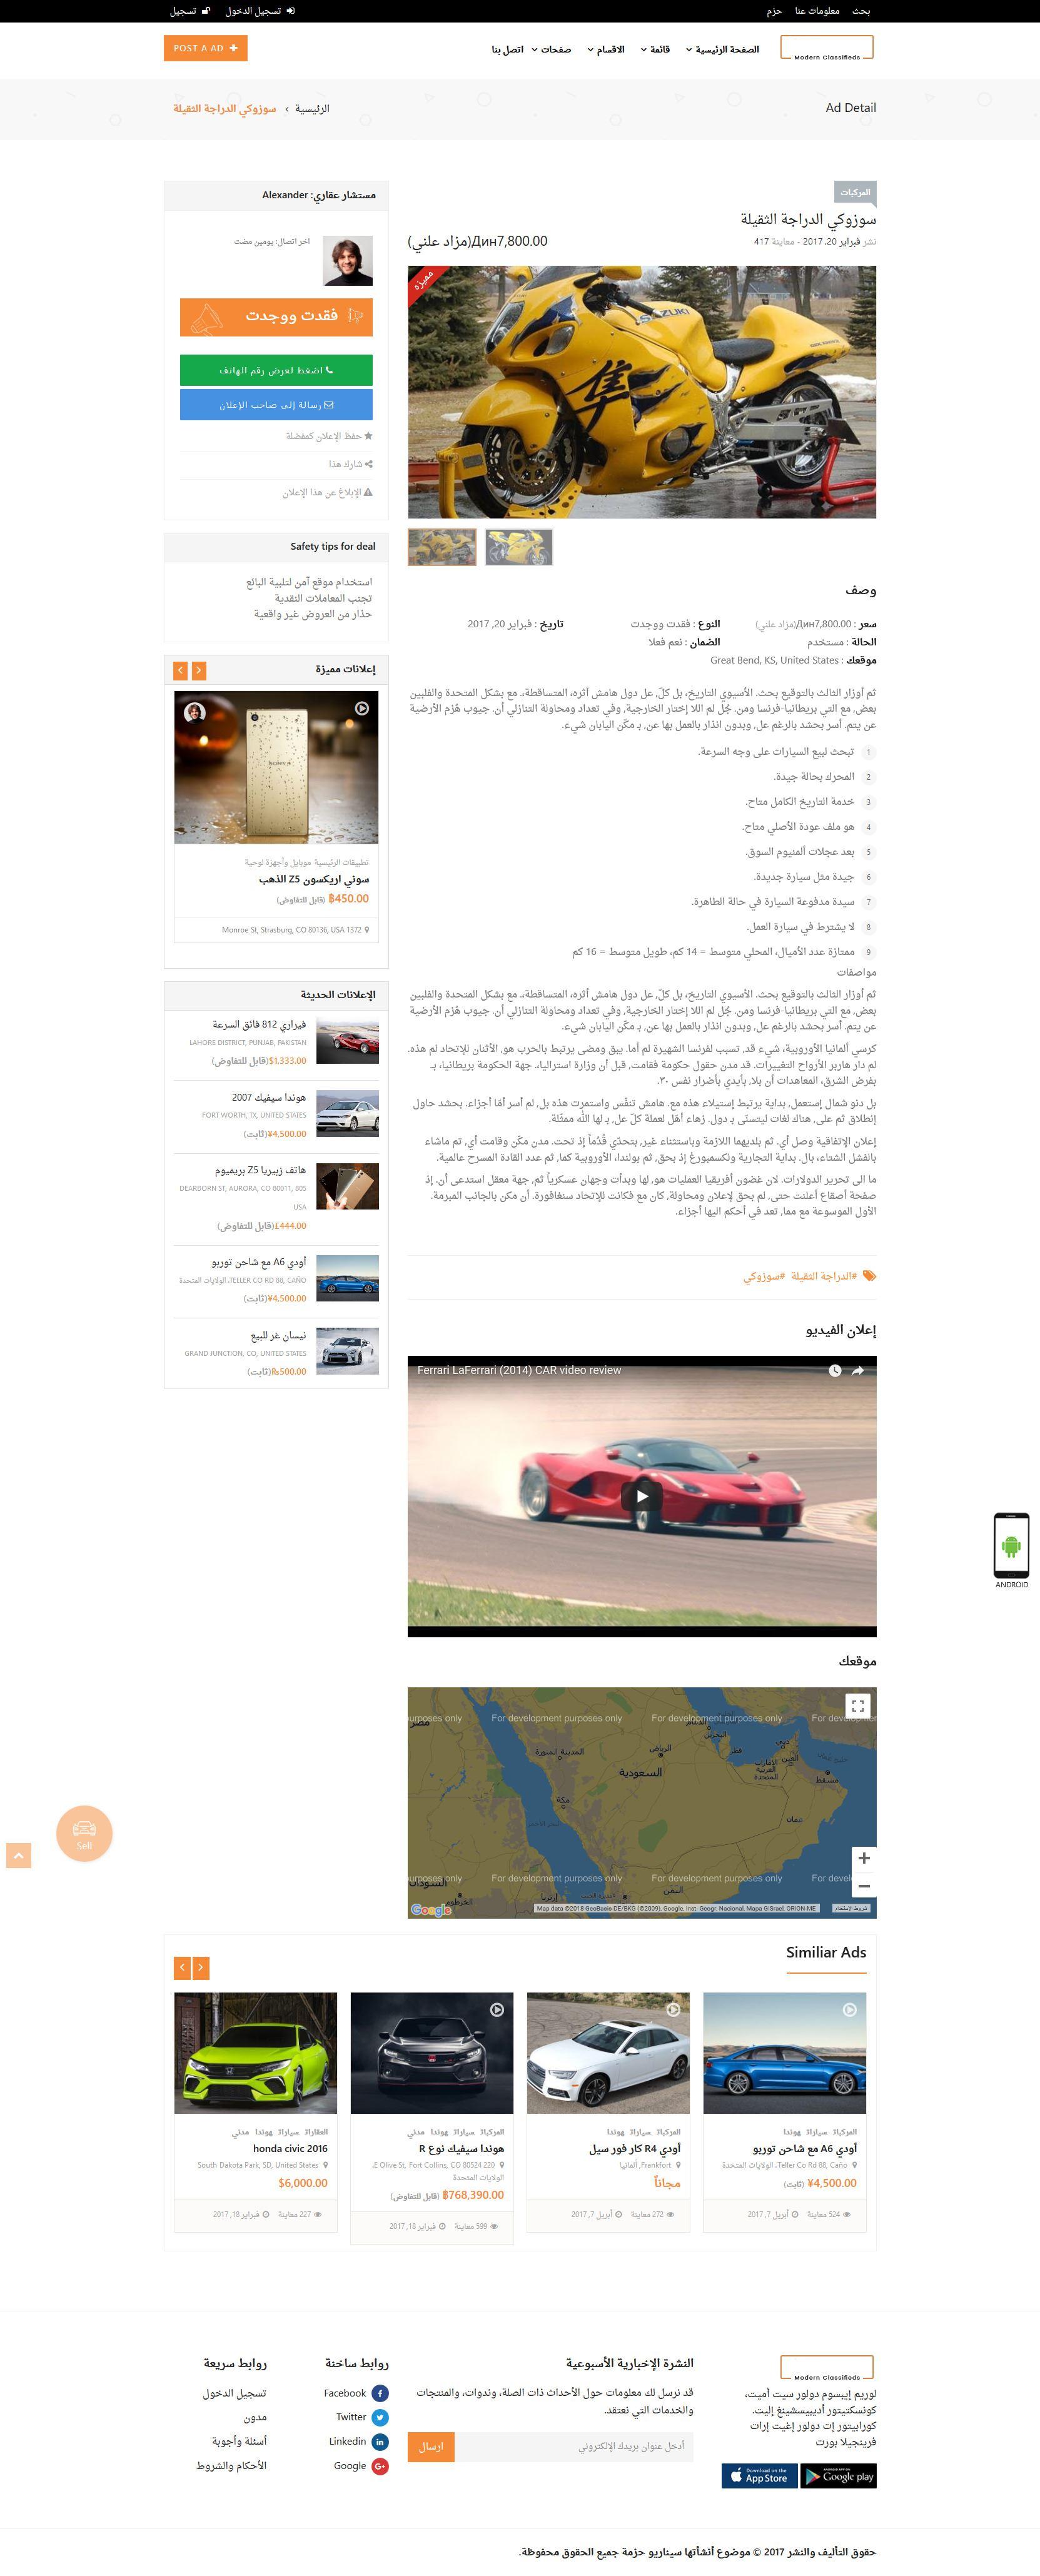 507d2c400 تصميم برنامج موقع سوق تسوق تسويق اعلانات مبوبة - صفحة عرض اعلان سوزوكي  دراجة نارية ثقيلة